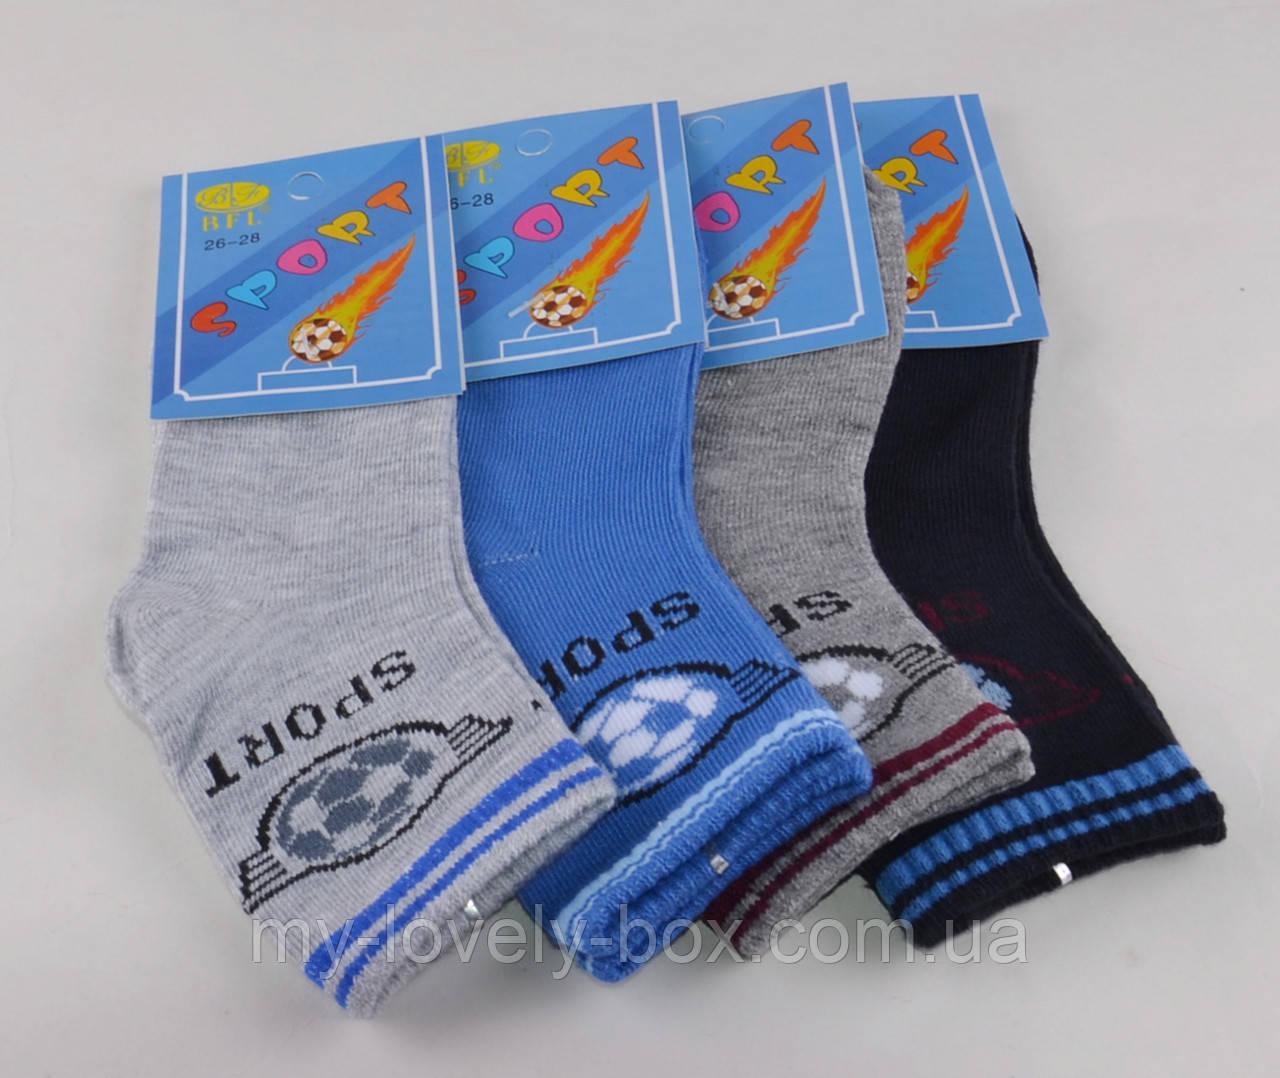 ОПТОМ.Детские носки Мячи однотонные р.31-33 (C195/XL) | 12 пар